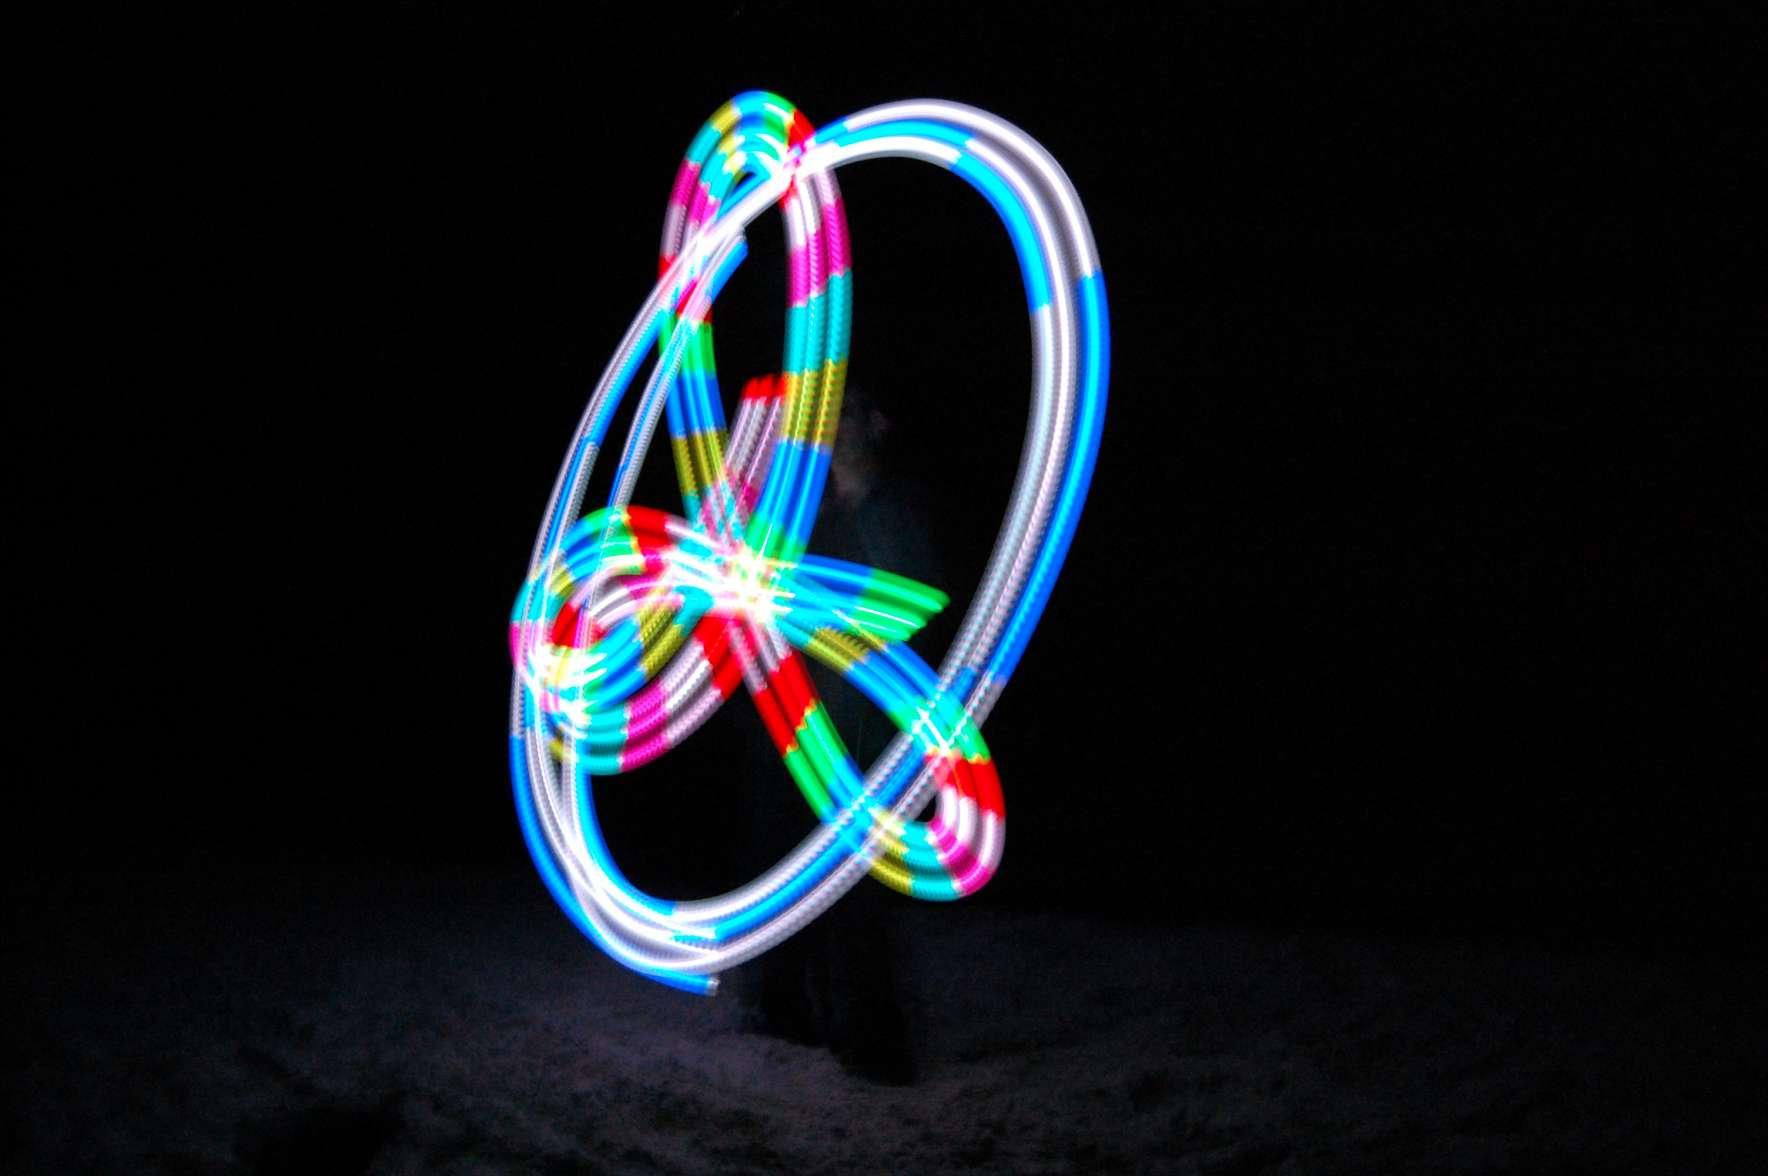 Ζογκλέρ δημιουργεί όμορφο γεωμετρικό σχήμα παίζοντας με φωτεινά αντικείμενα (glow poi)